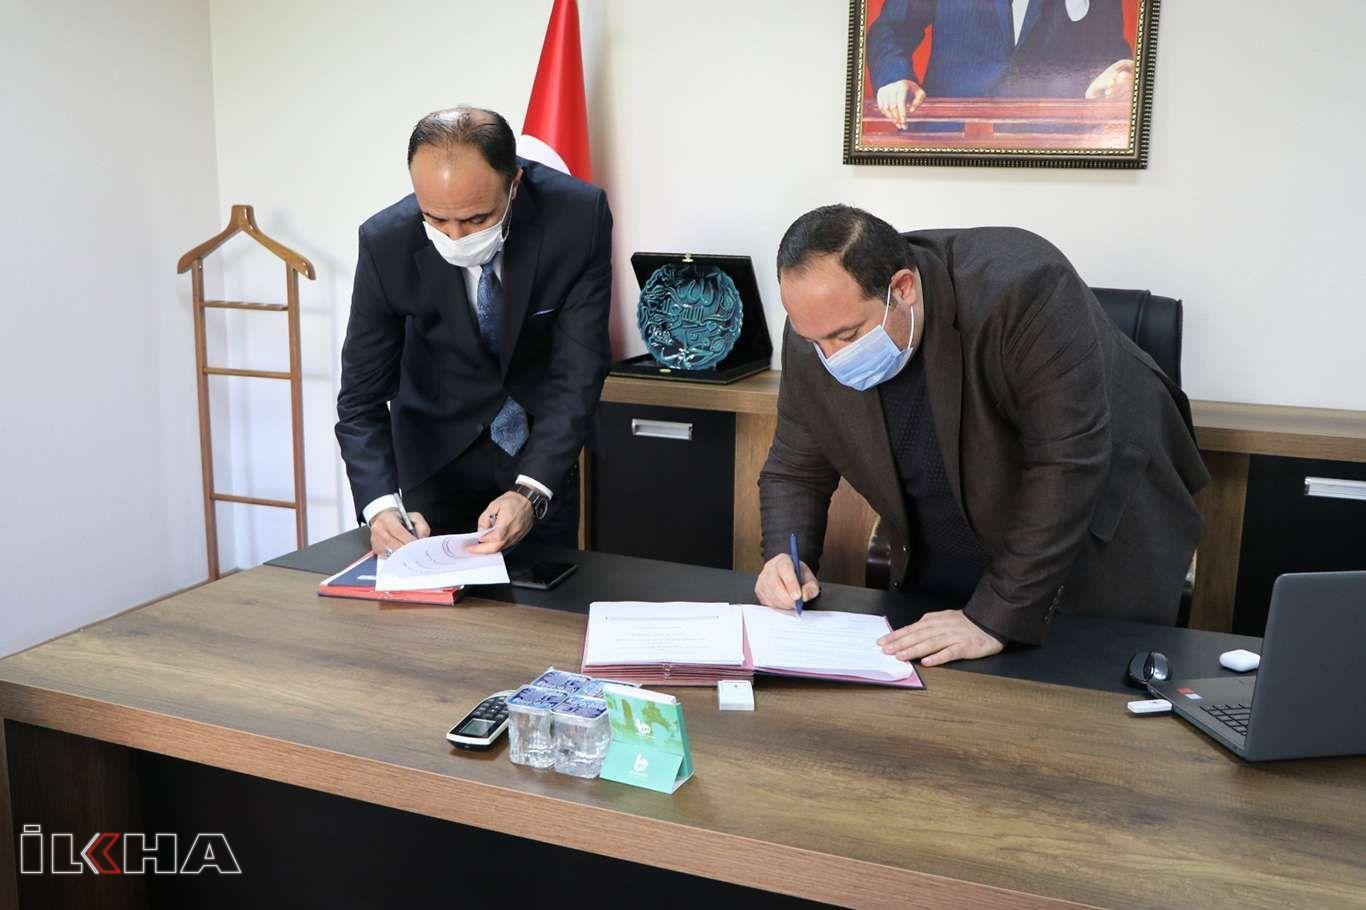 Viranşehir Belediyesi ile Güvenlik ve Savunma Sendikası arasında toplu sözleşme imzalandı